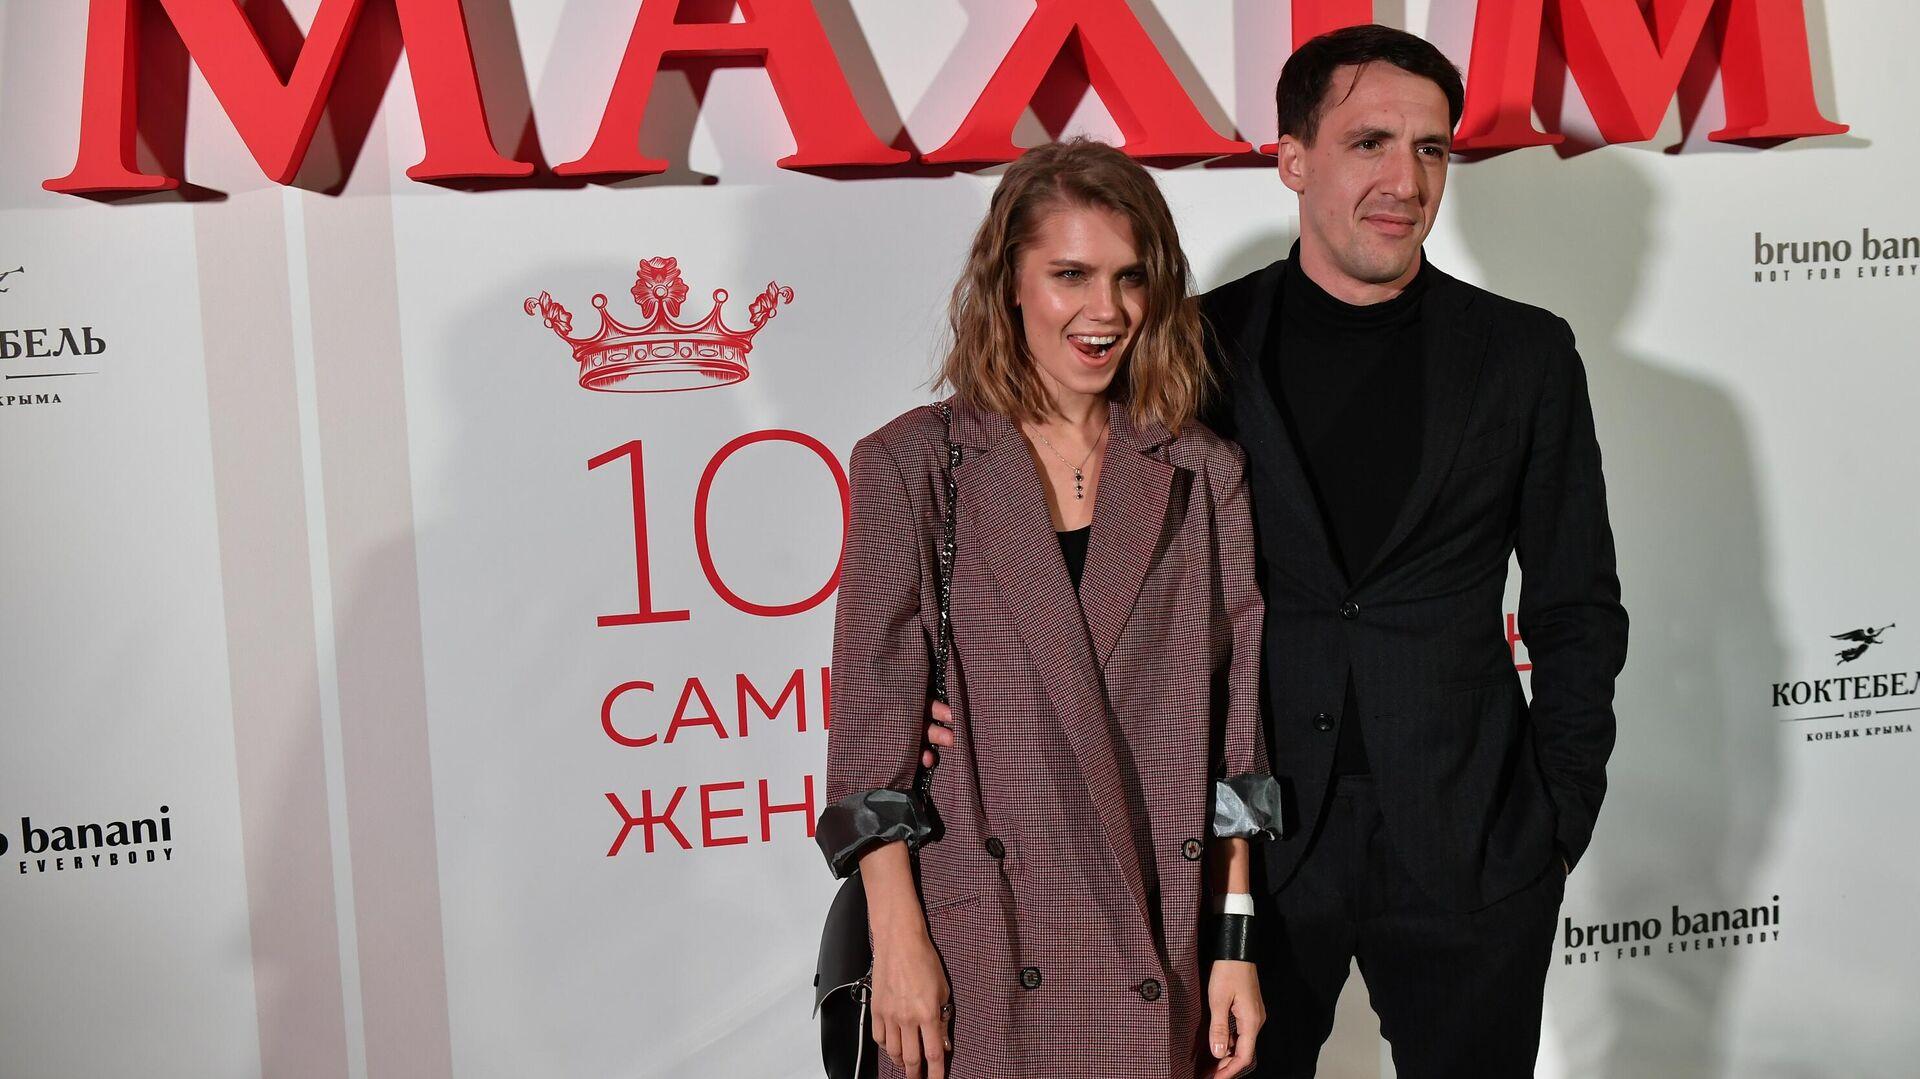 Актёры Дарья Мельникова и Артур Смольянинов - Sputnik Грузия, 1920, 19.09.2021